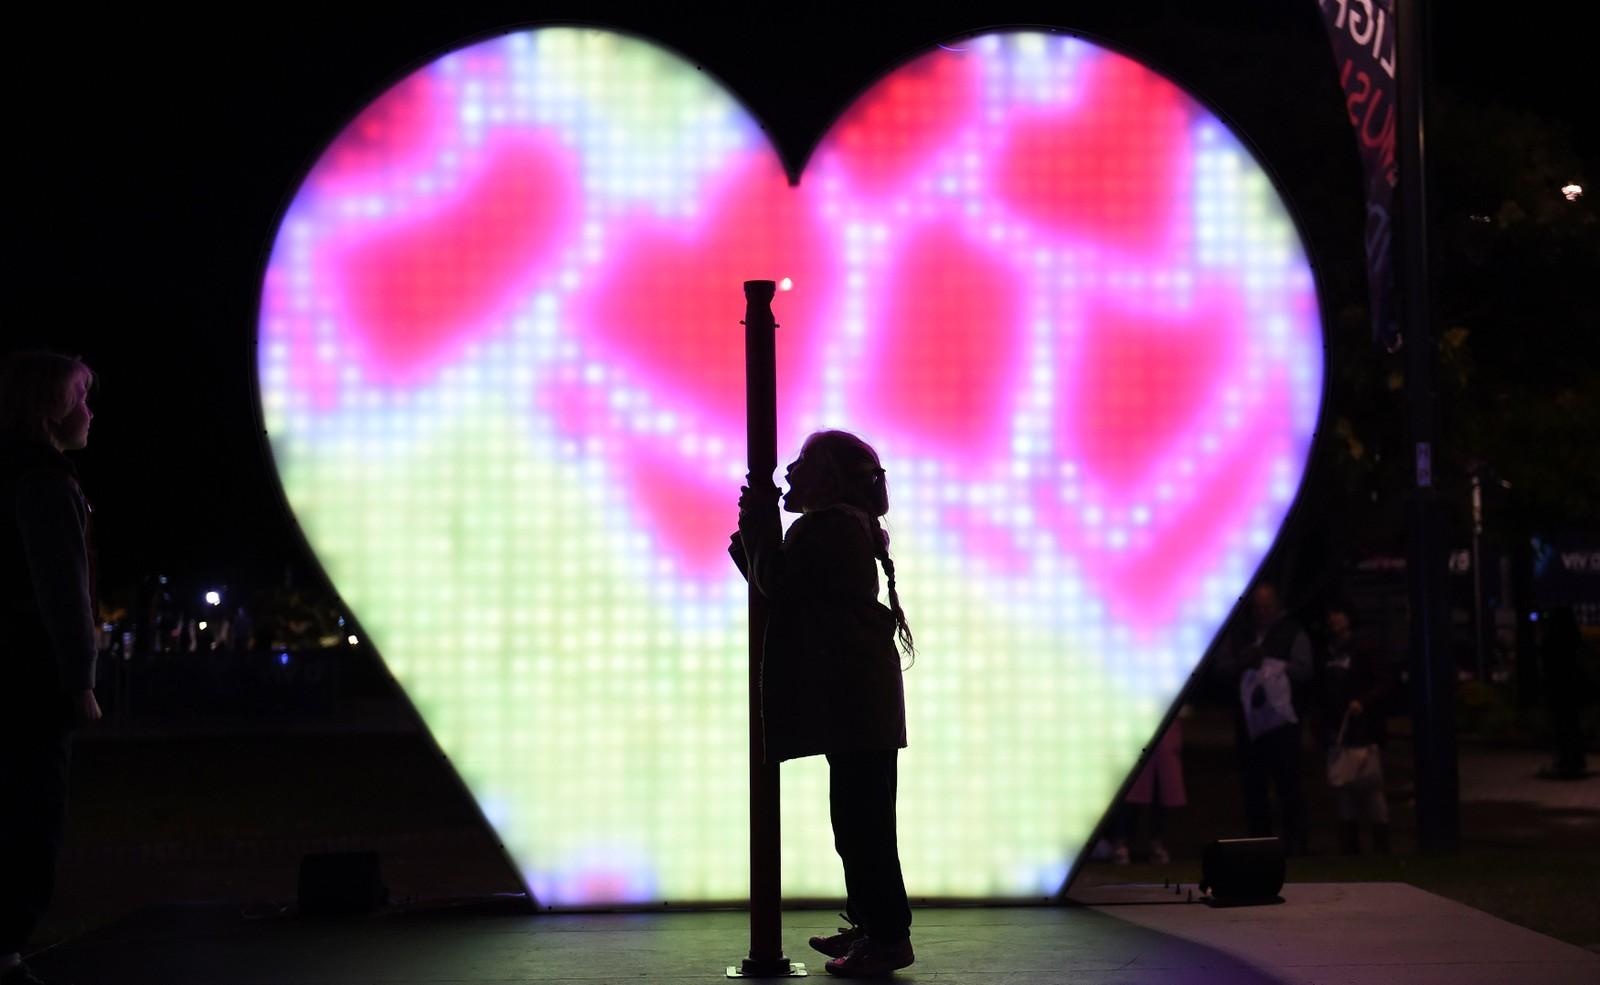 """Et barn roper """"I love you"""" mens et kjærlighets-barometer lyser opp i bakgrunnen. Vivid Sydney er en kulturfestival som arrangeres årlig i, nettopp, Sydney, Australia."""